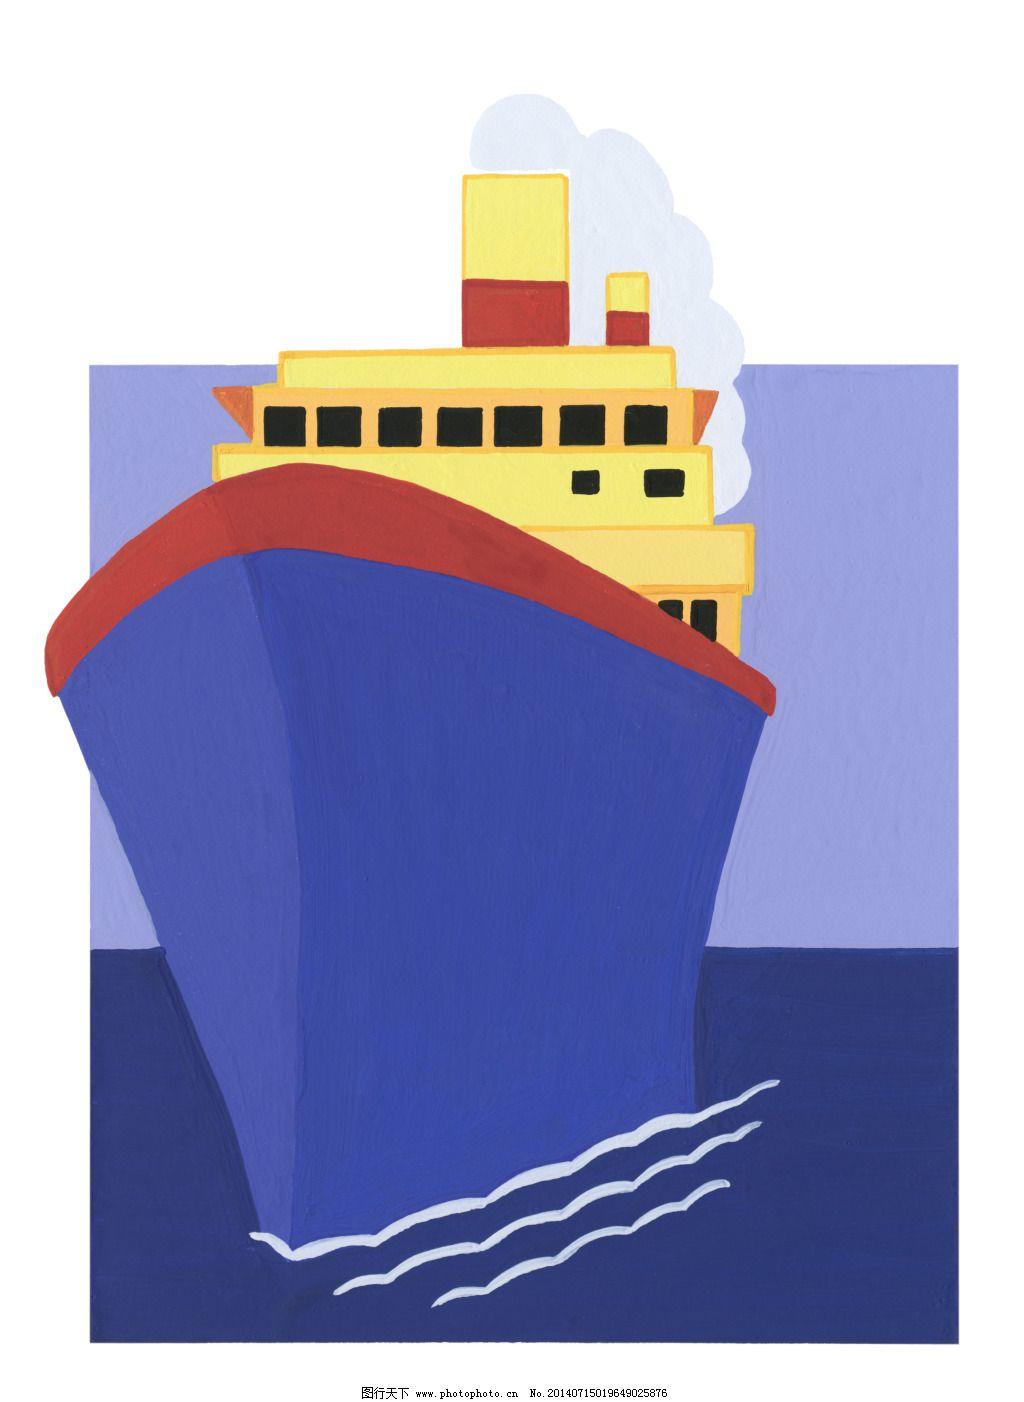 航船插画 环球风景插画素材